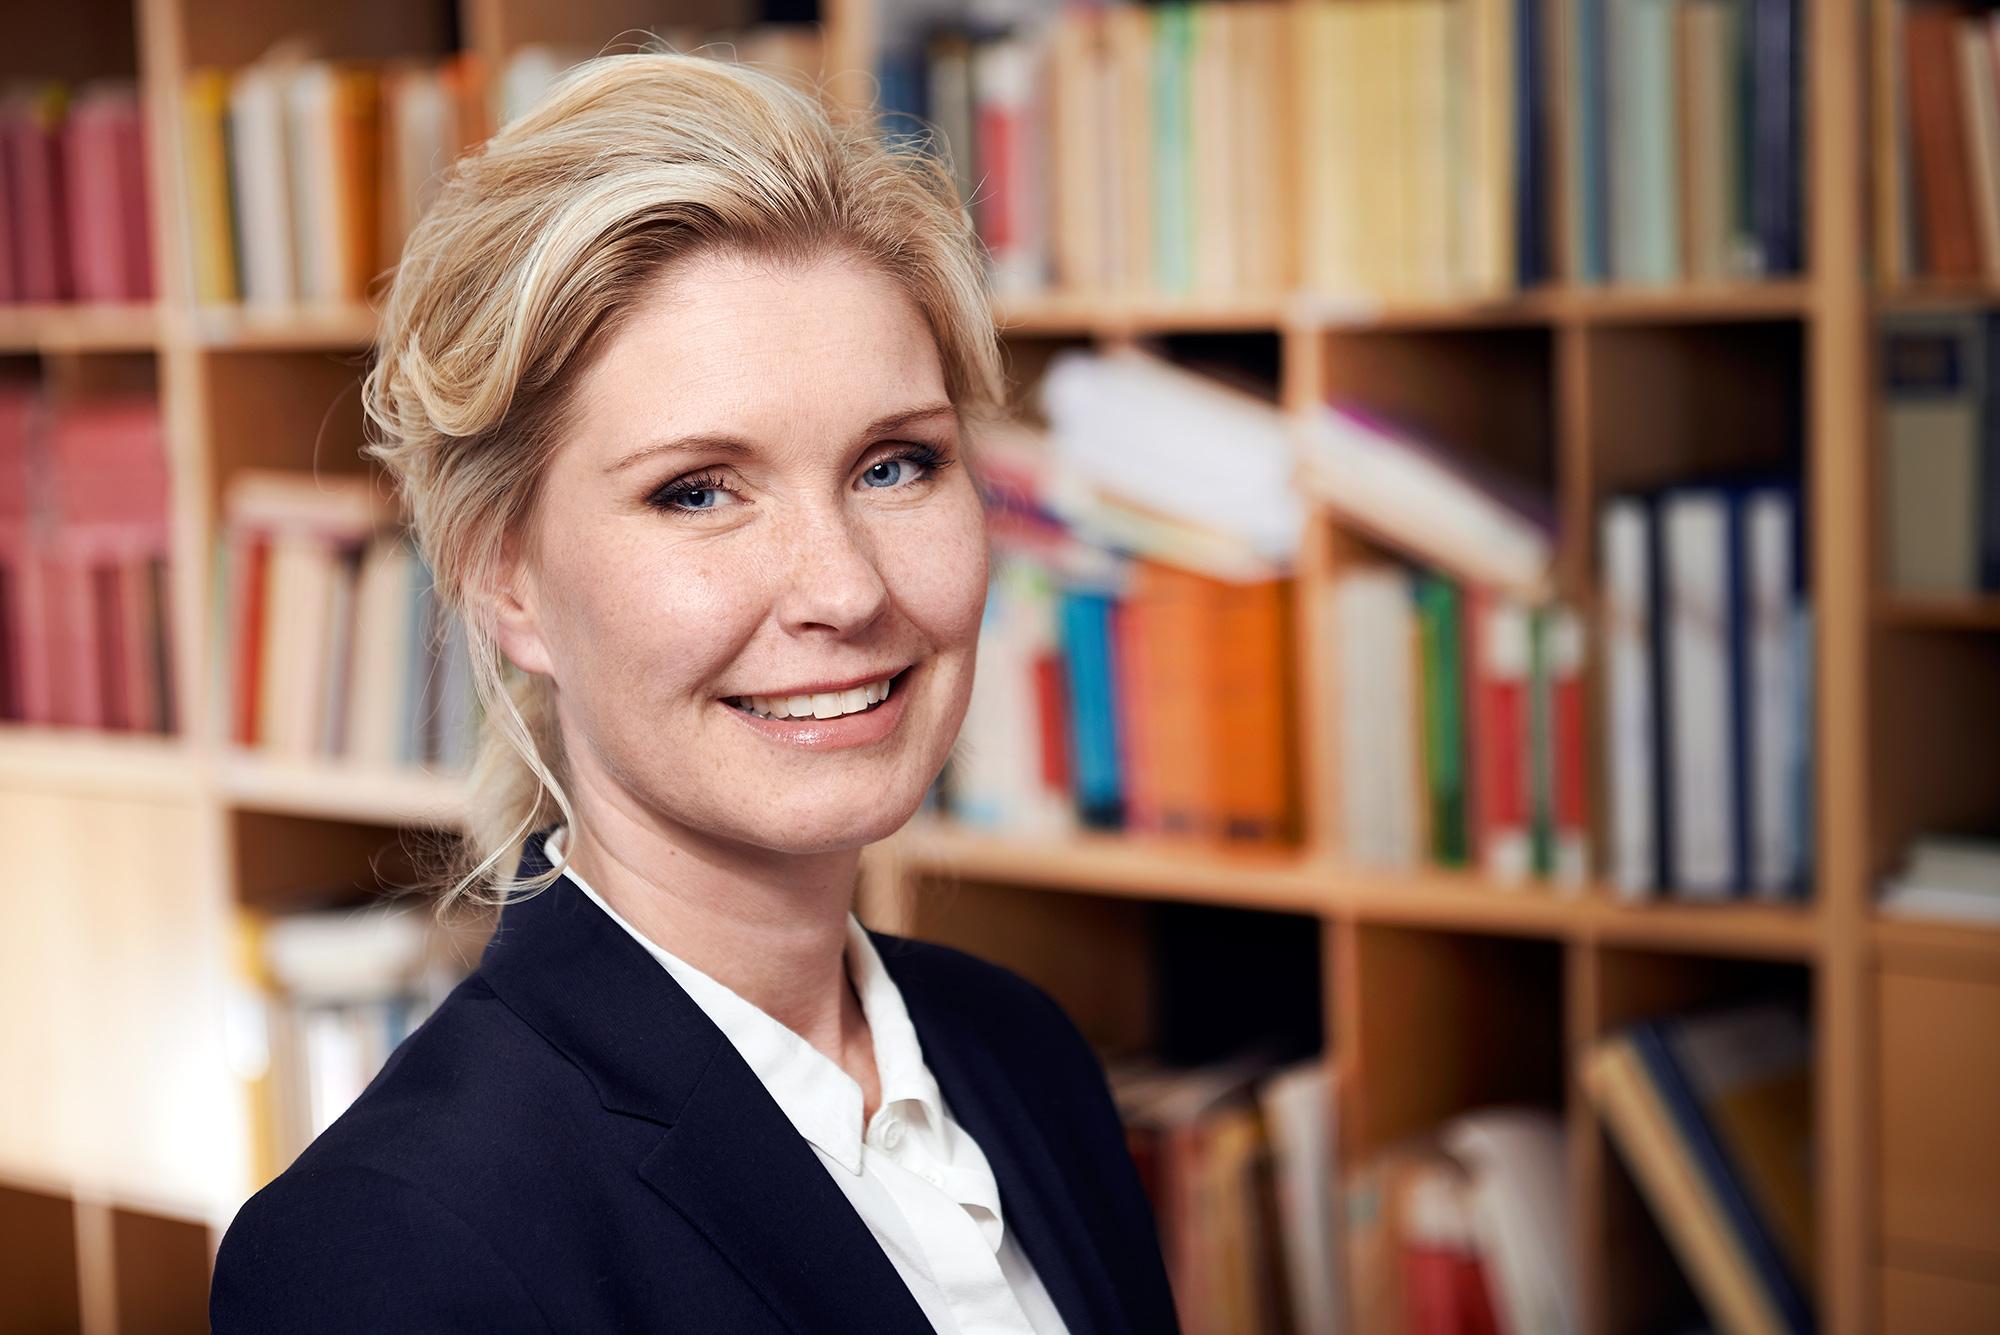 Sophia Wenneryd